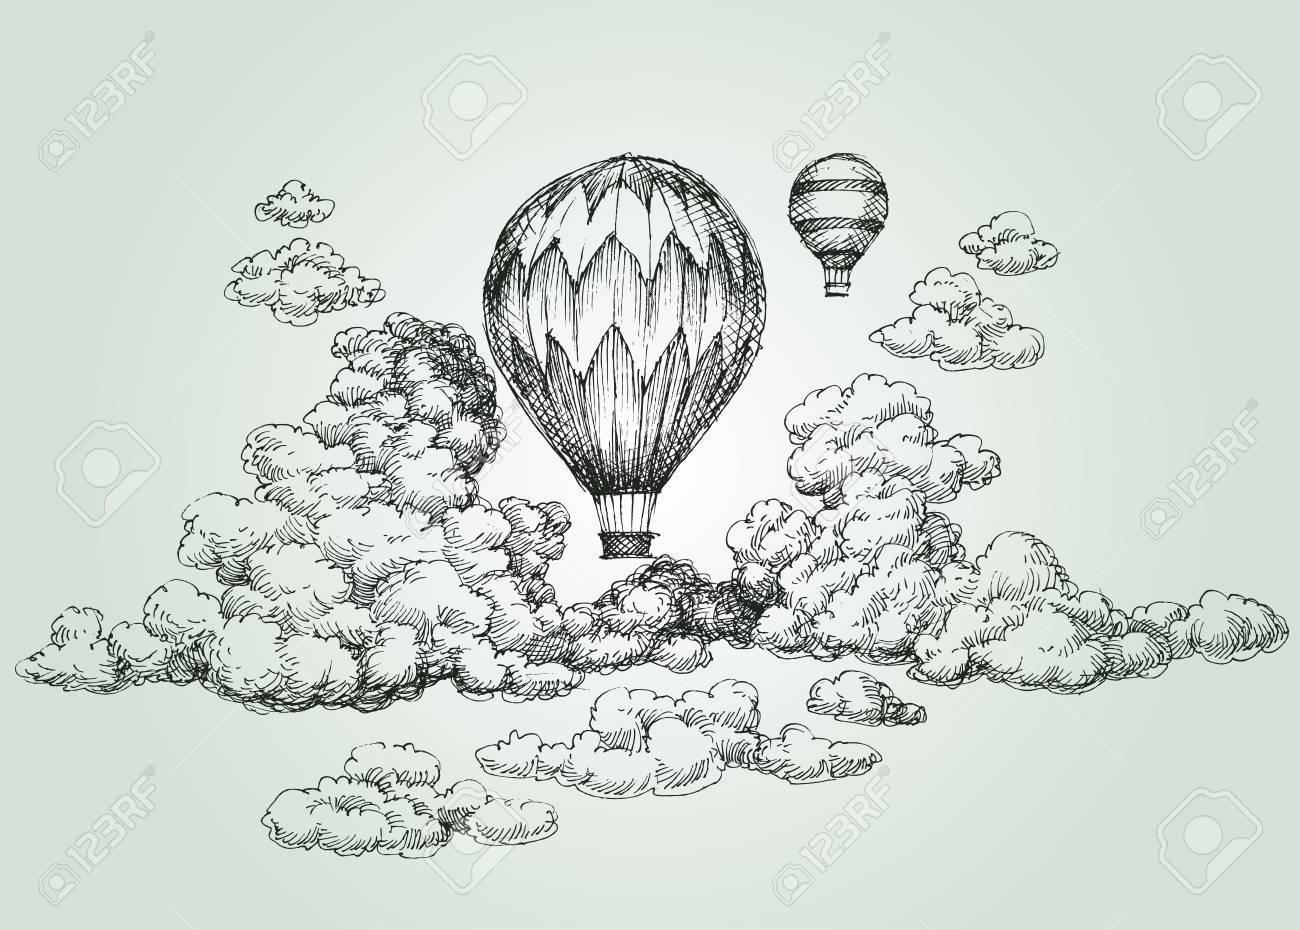 Hot air balloon drawing - 76827658